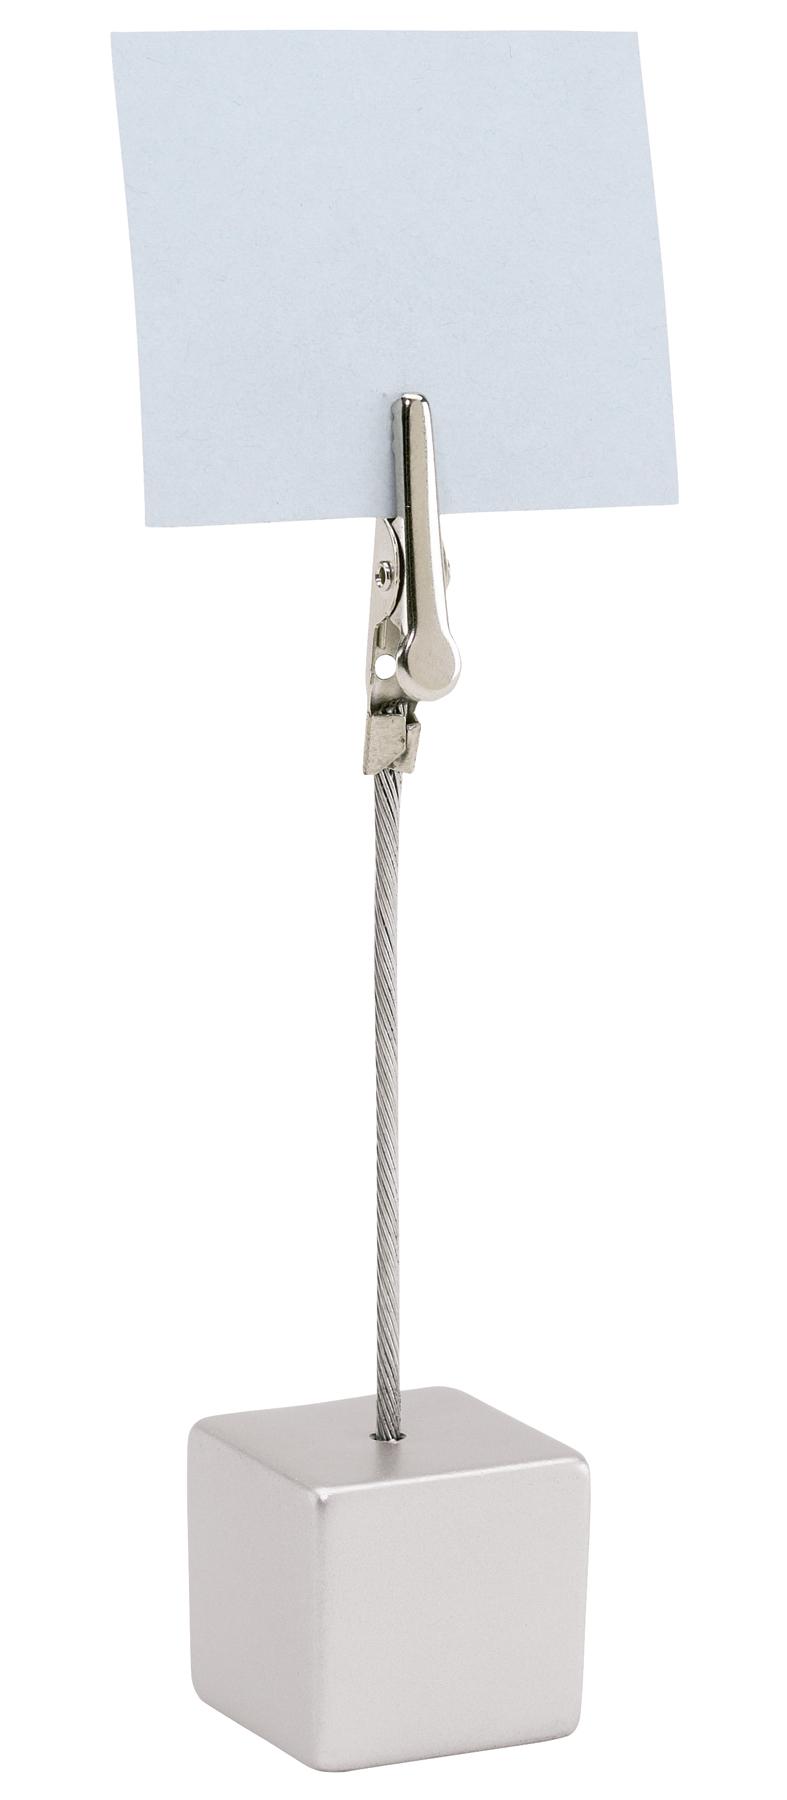 Stojak z klamerką na notatki CUBE, srebrny